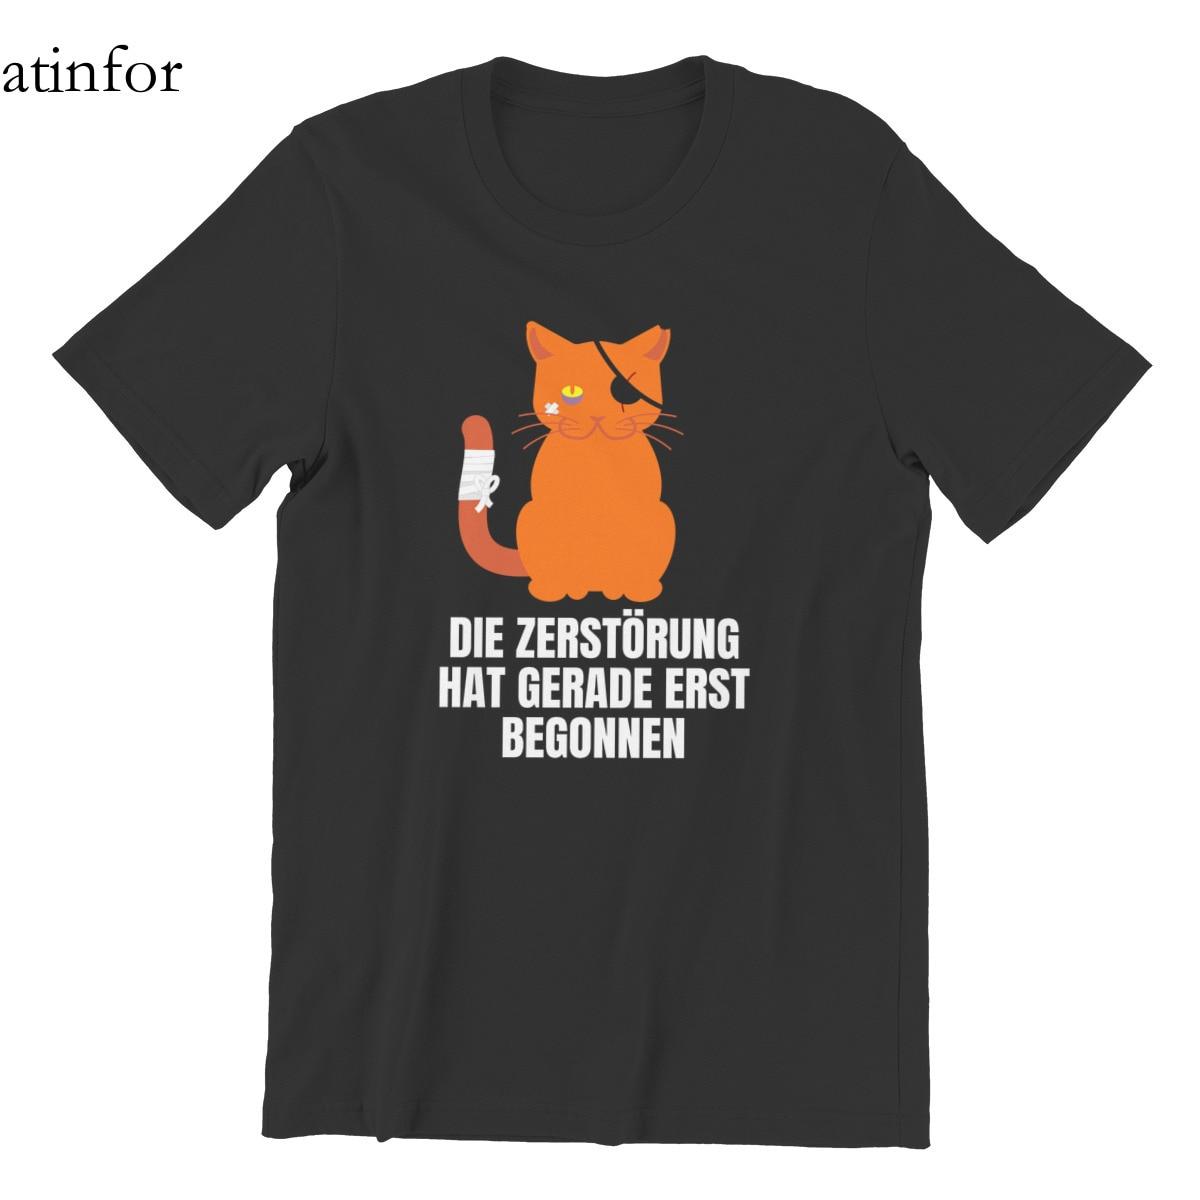 Antifor Katze mit Piratenlook und verletzung T-Shirt Printing Black HipHop Female 2021 Tees 62738